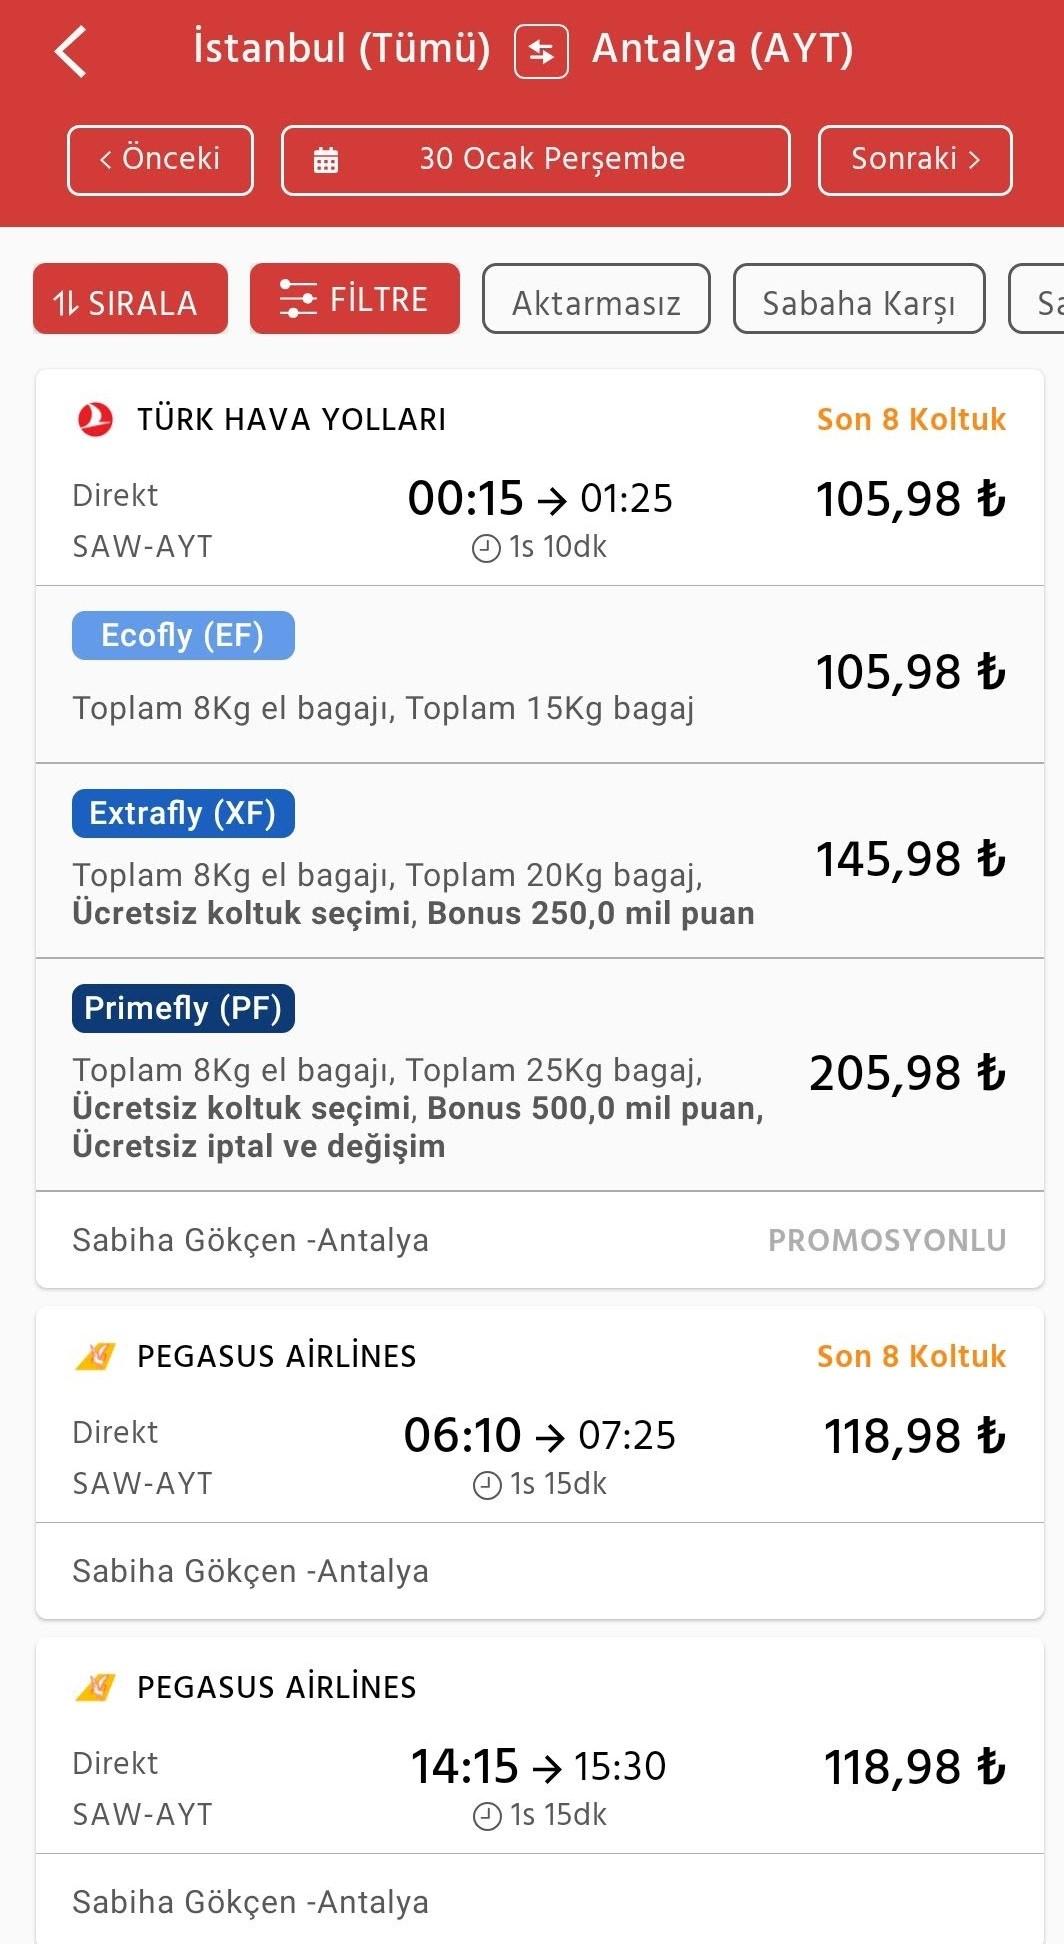 obilet.com Uçak Bileti